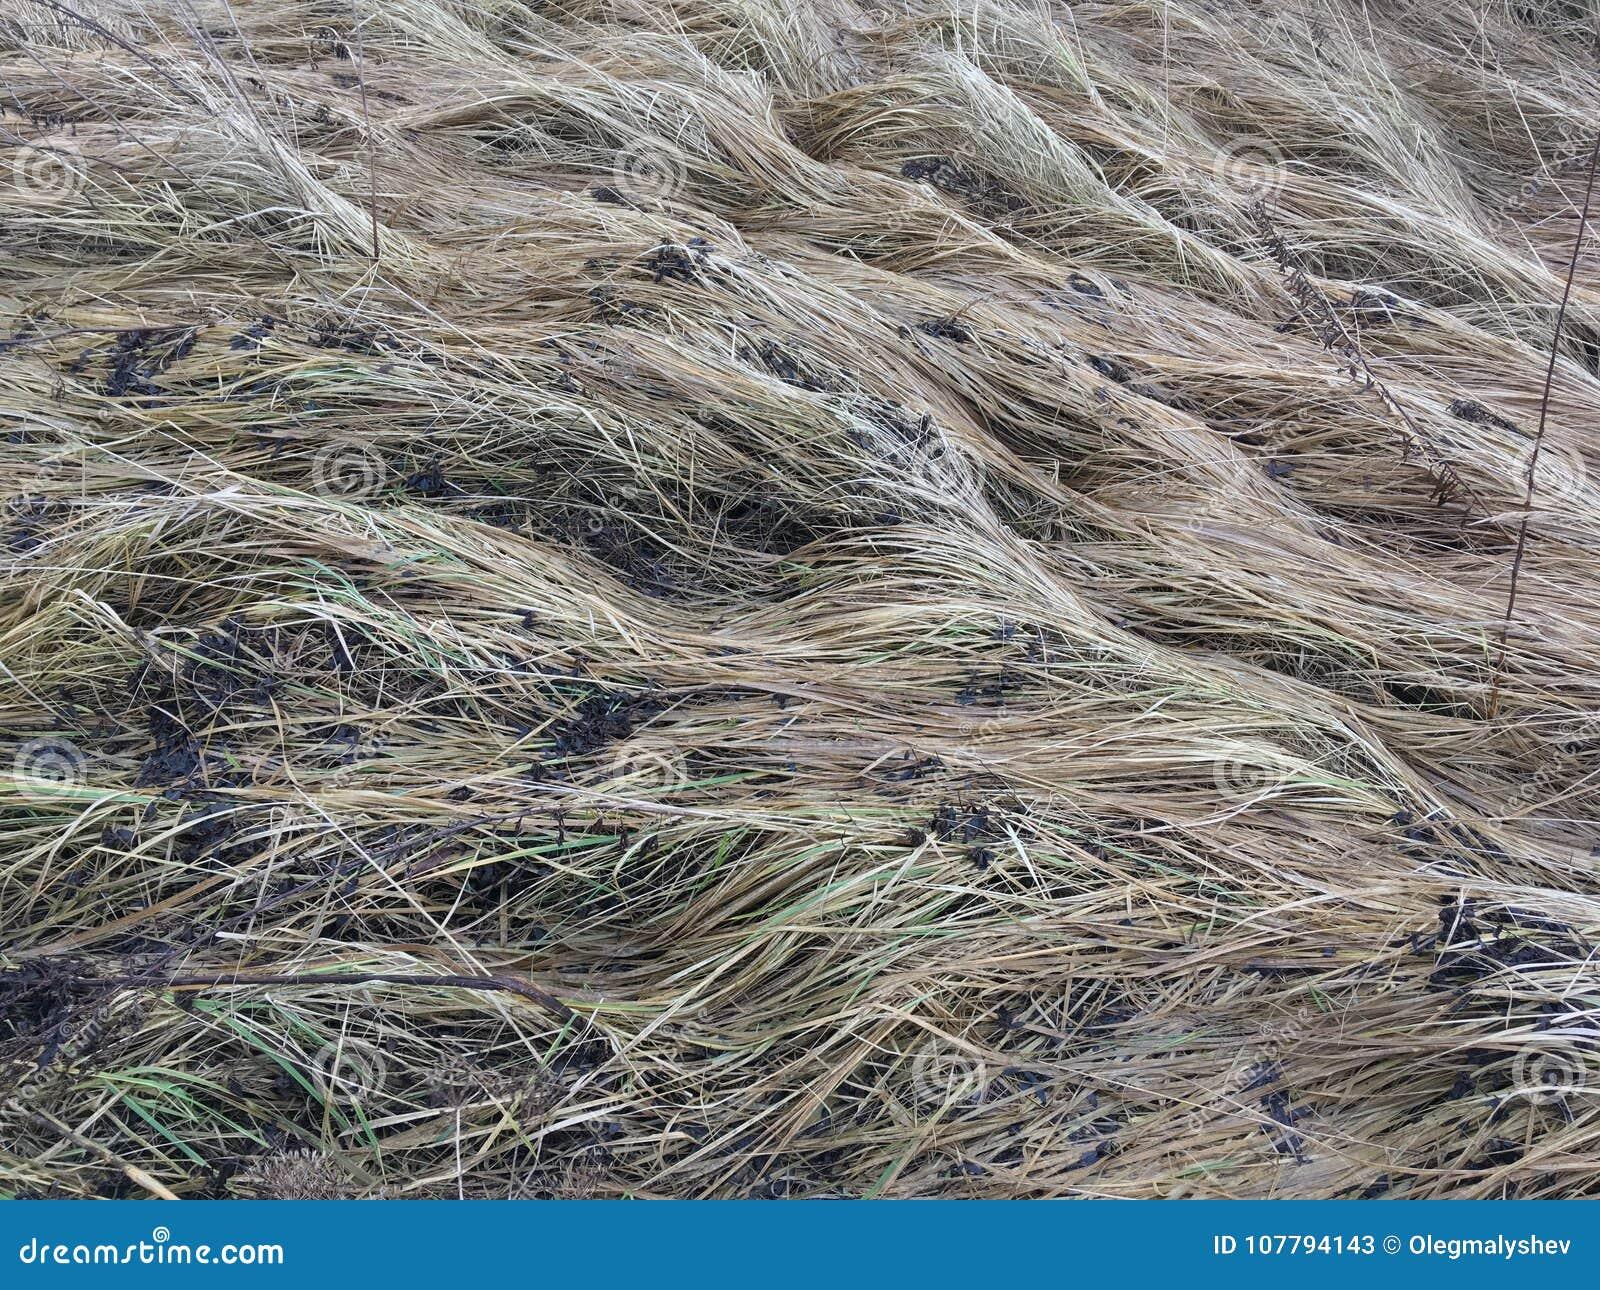 Grass field closeup